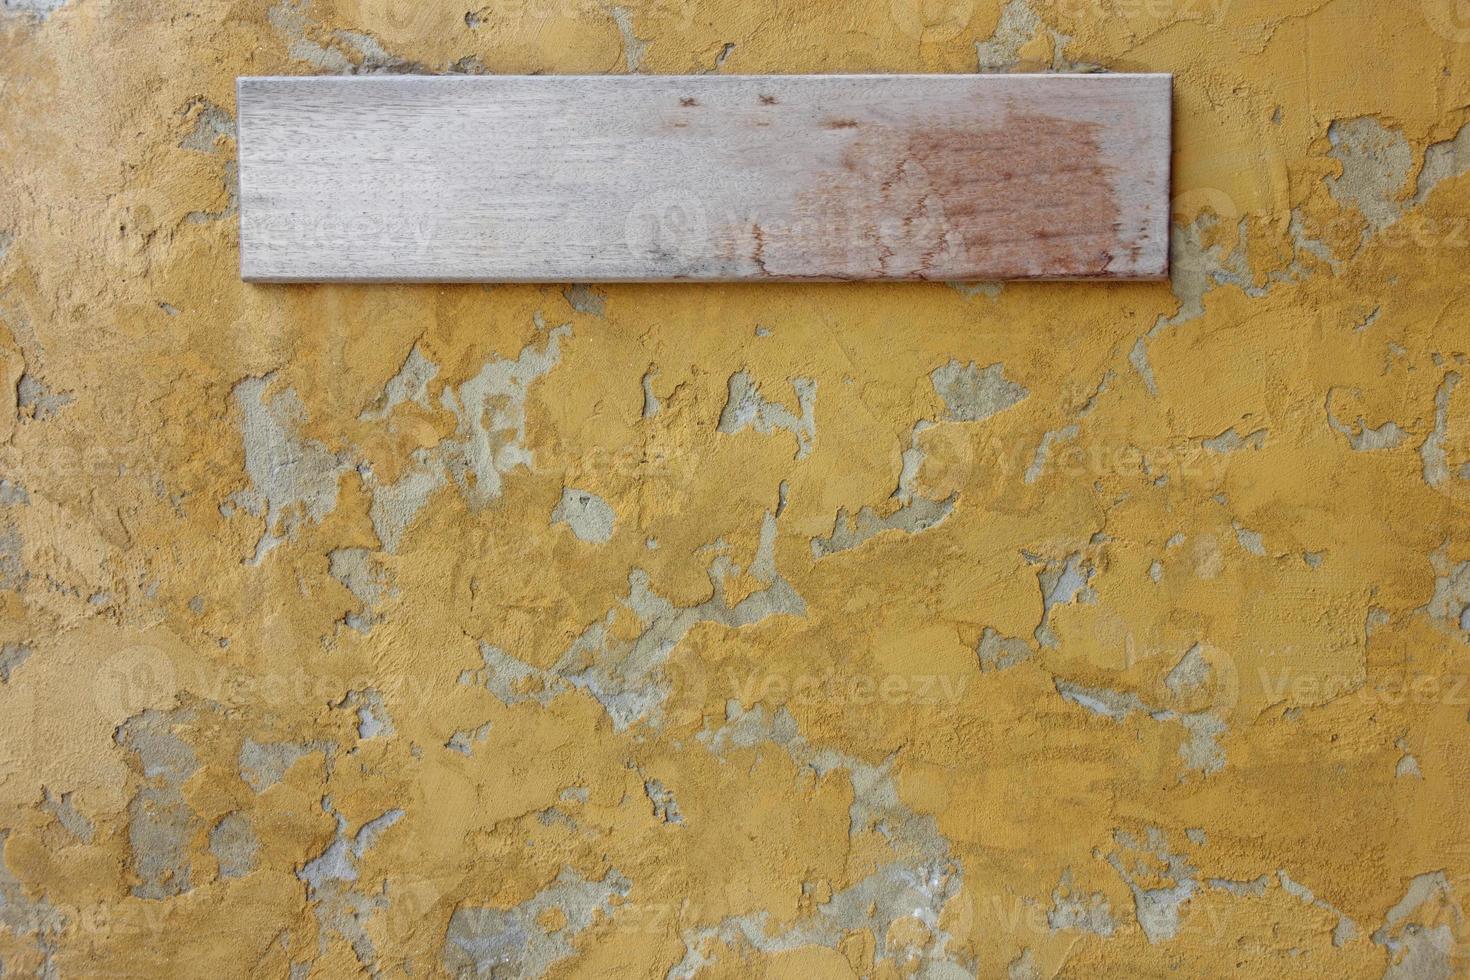 letrero de madera en la pared de hormigón. foto